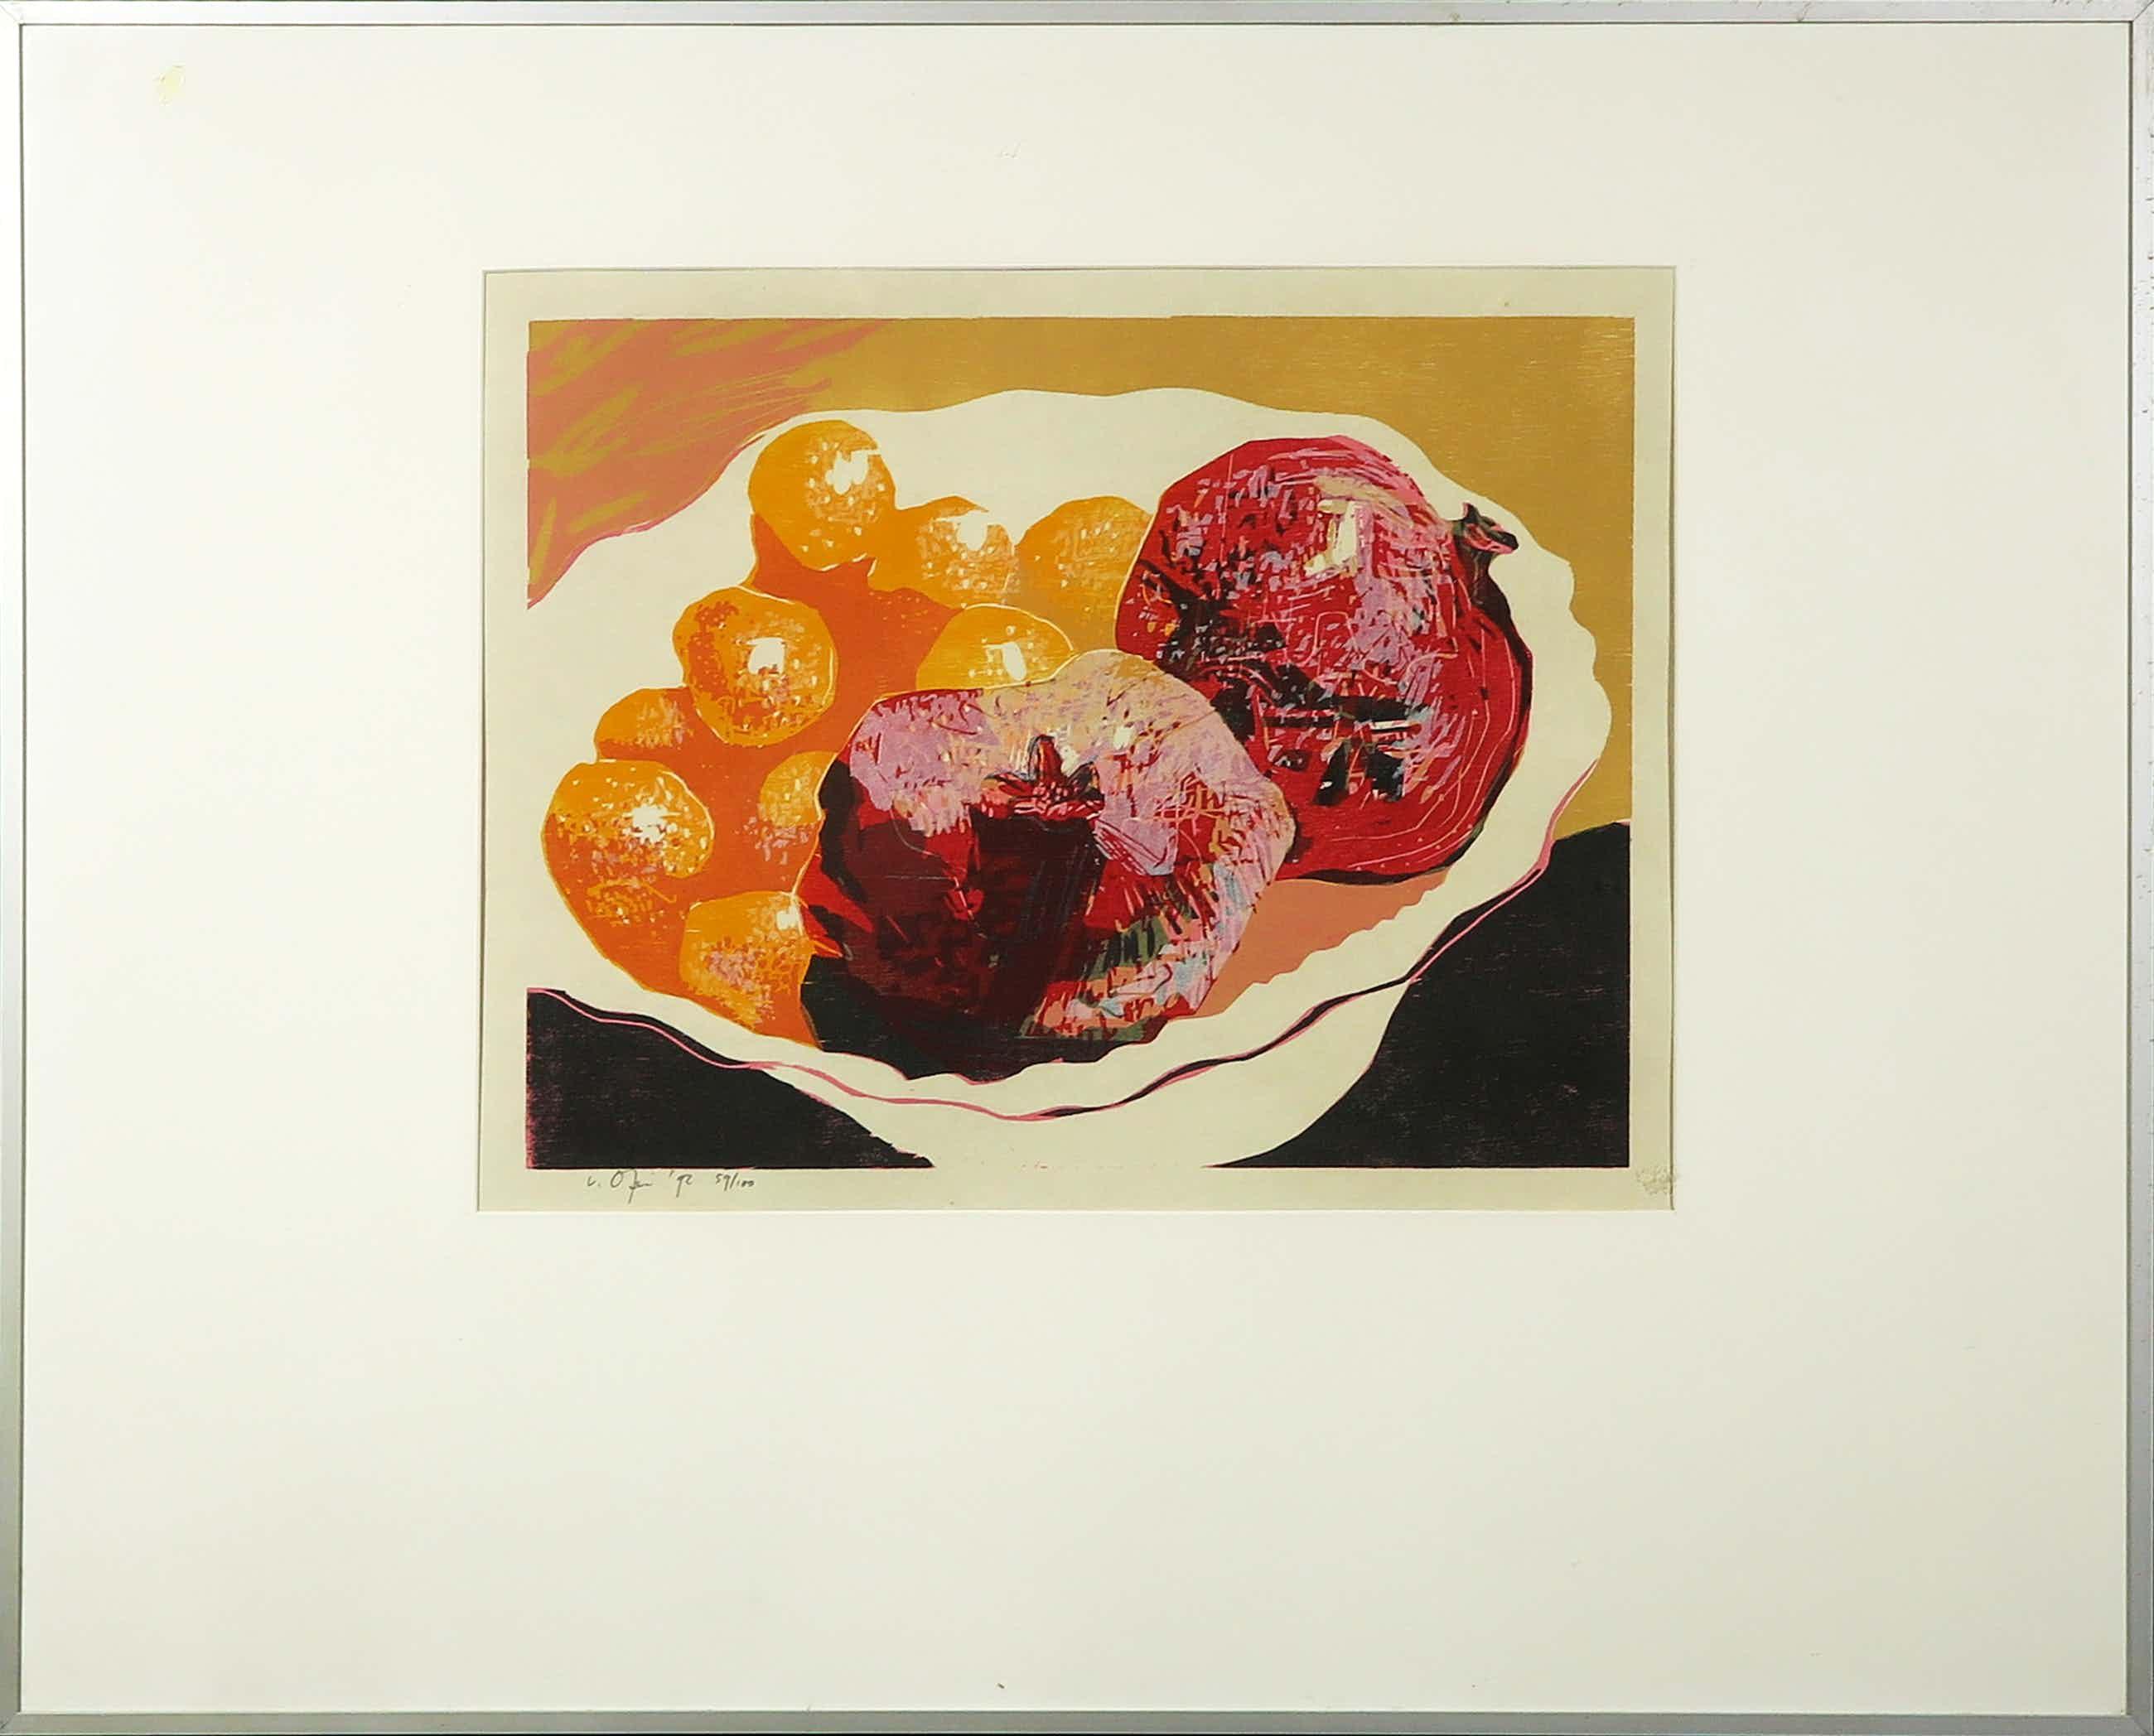 Vincent van Ojen - Houtsnede, Stilleven met fruit - Ingelijst (Groot) kopen? Bied vanaf 60!